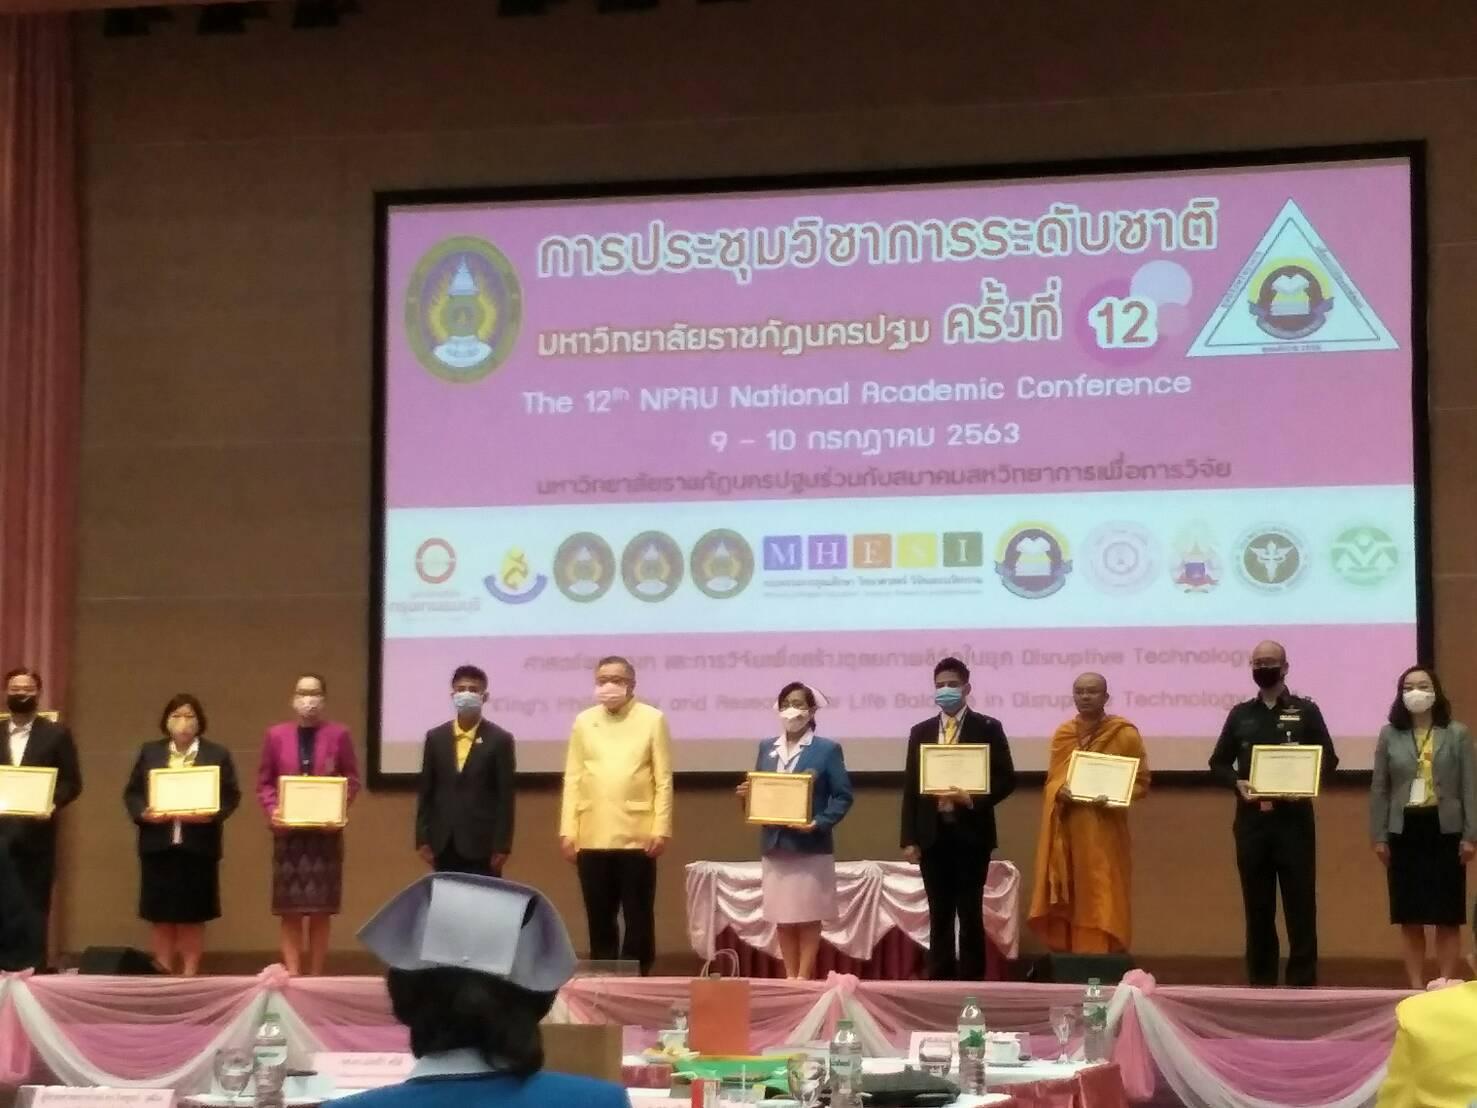 คณะพยาบาลศาสตร์และวิทยาการสุขภาพ มหาวิทยาลัยราชภัฏเพชรบุรี ได้เป็นเจ้าภาพร่วมการประชุมวิชาการระดับชาติครั้งที่ 12